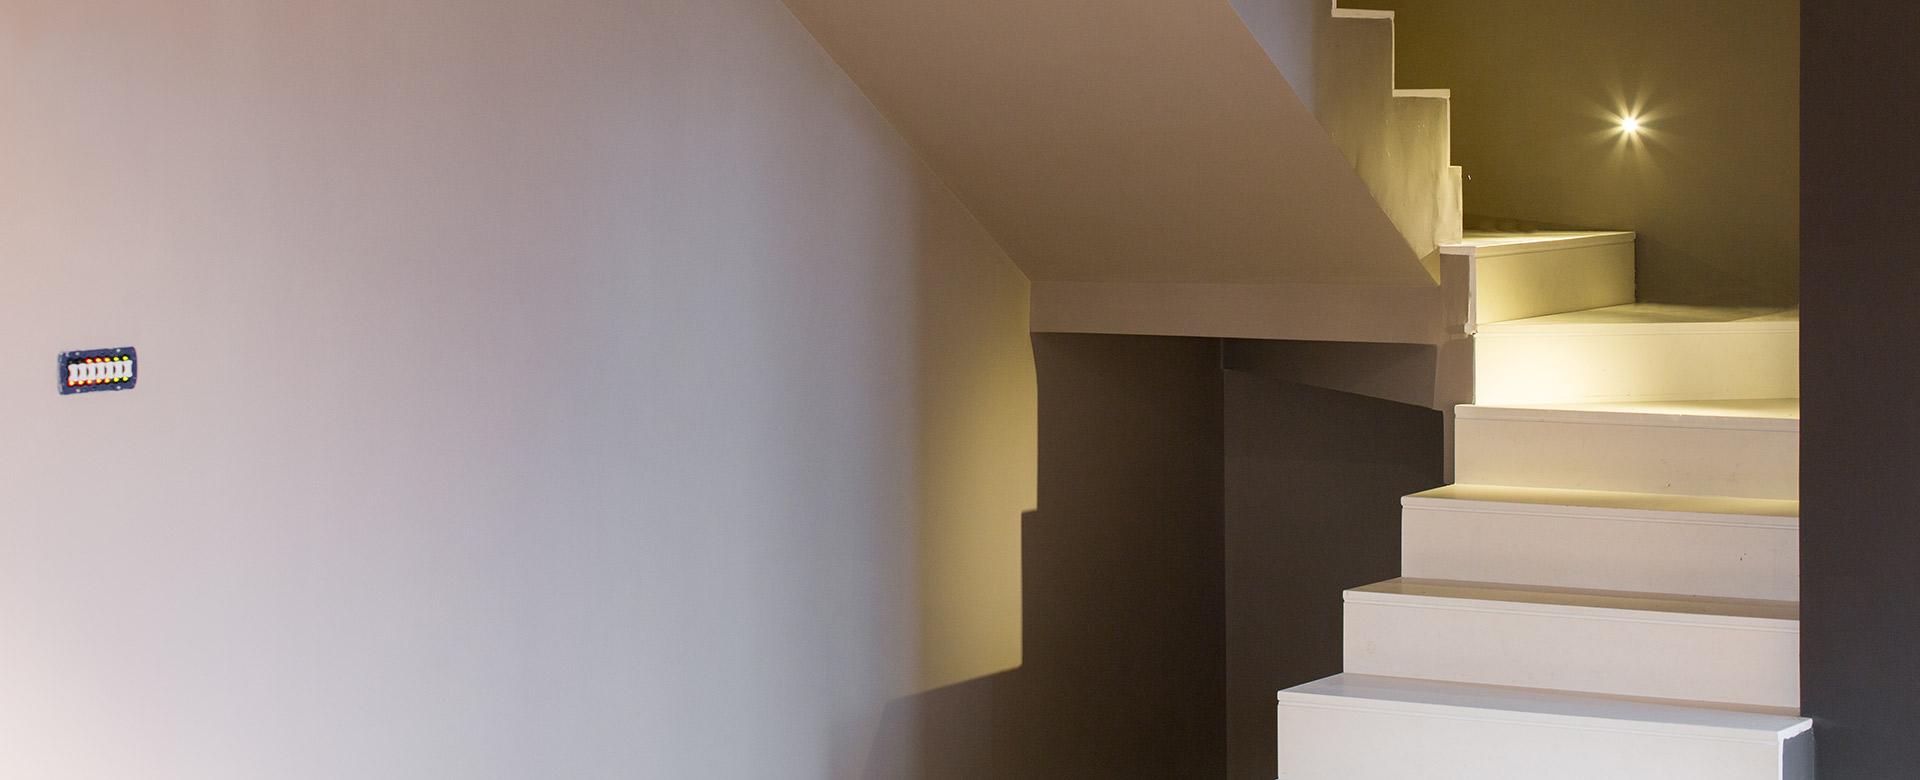 interni_progetto_luce_casa4